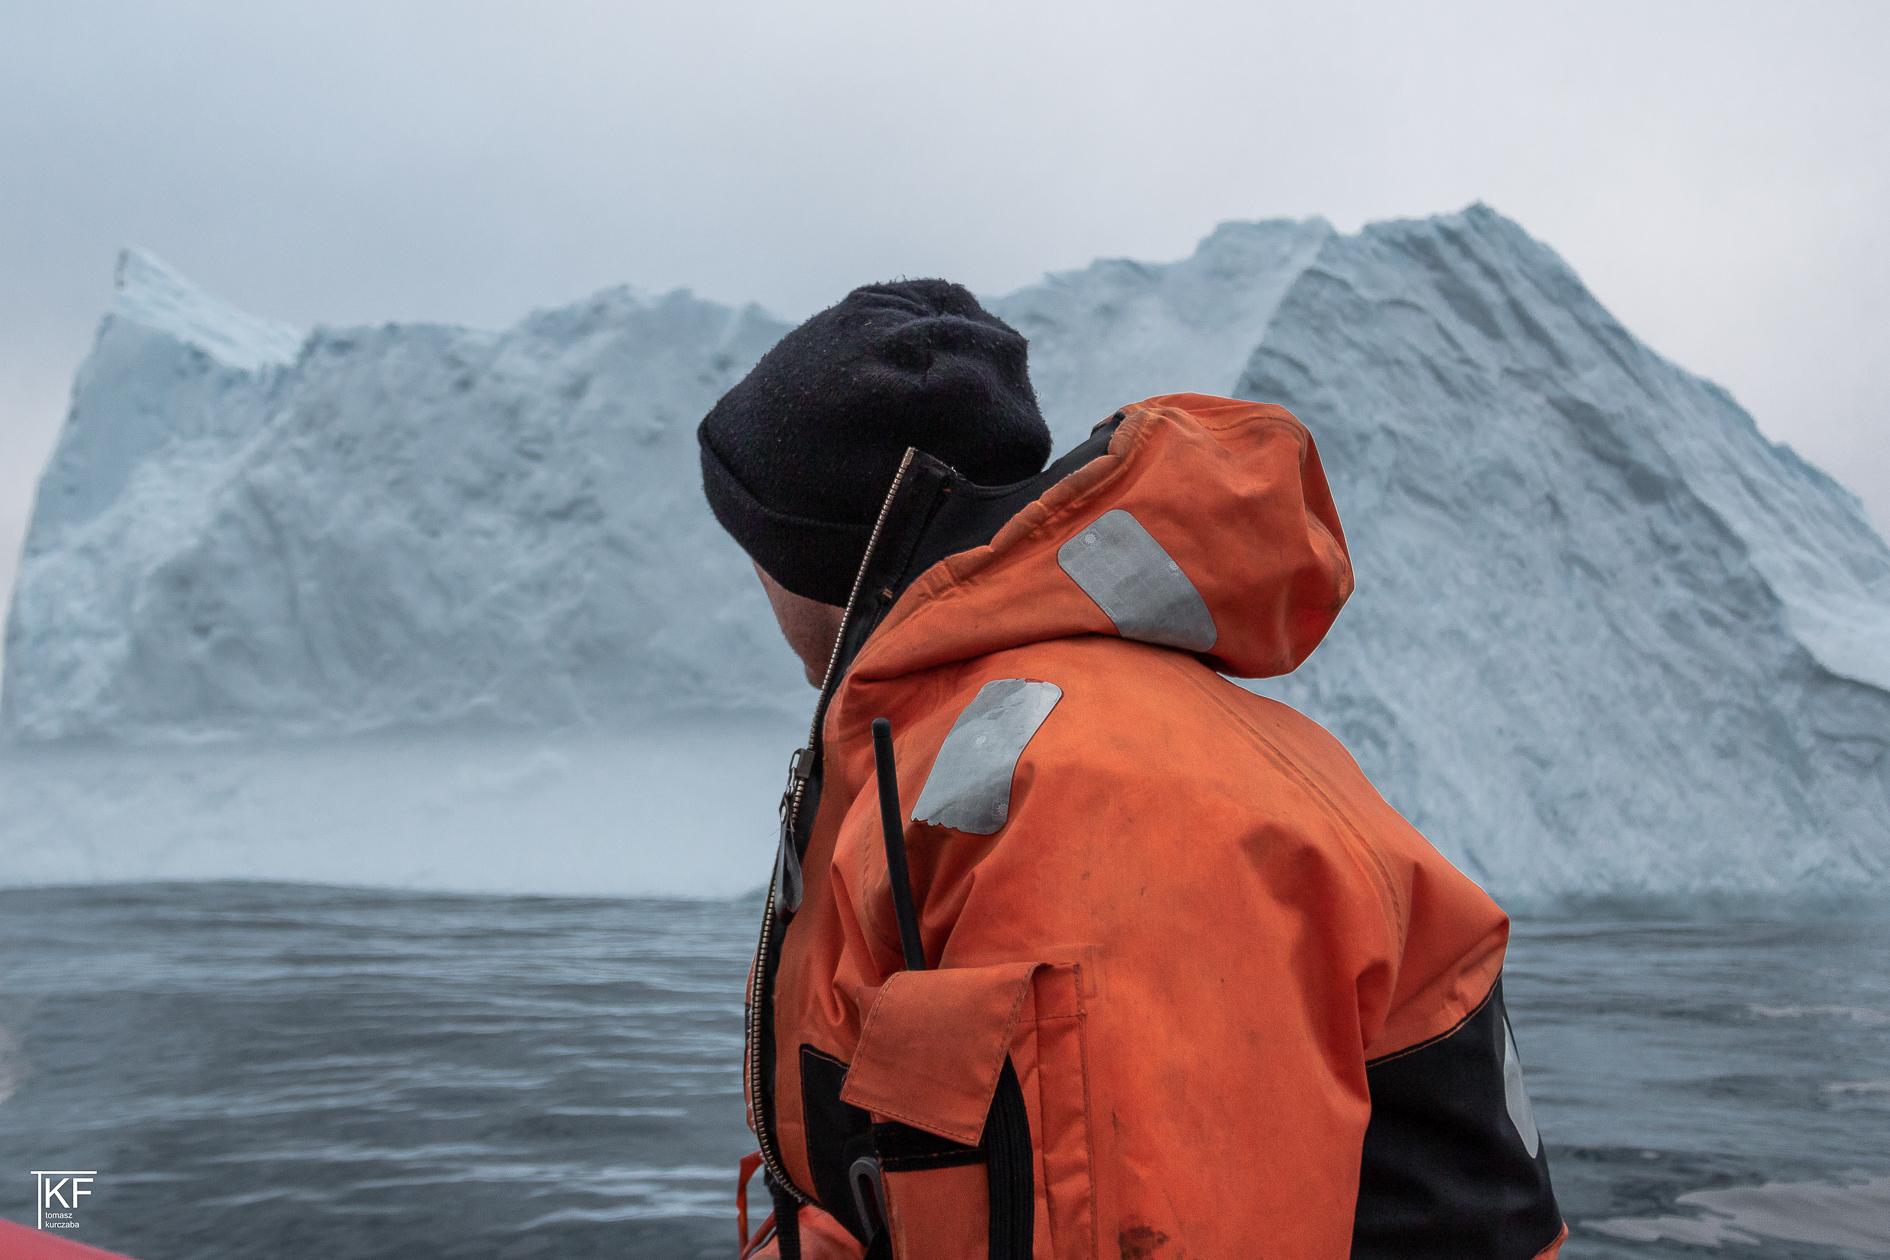 Na zdjęciu widoczny mężczyzna w pomarańczowej kurtce i czarnej czapce spoglądający w stronę wzgórza pokrytego śniegiem. Autor Tomasz Kurczaba